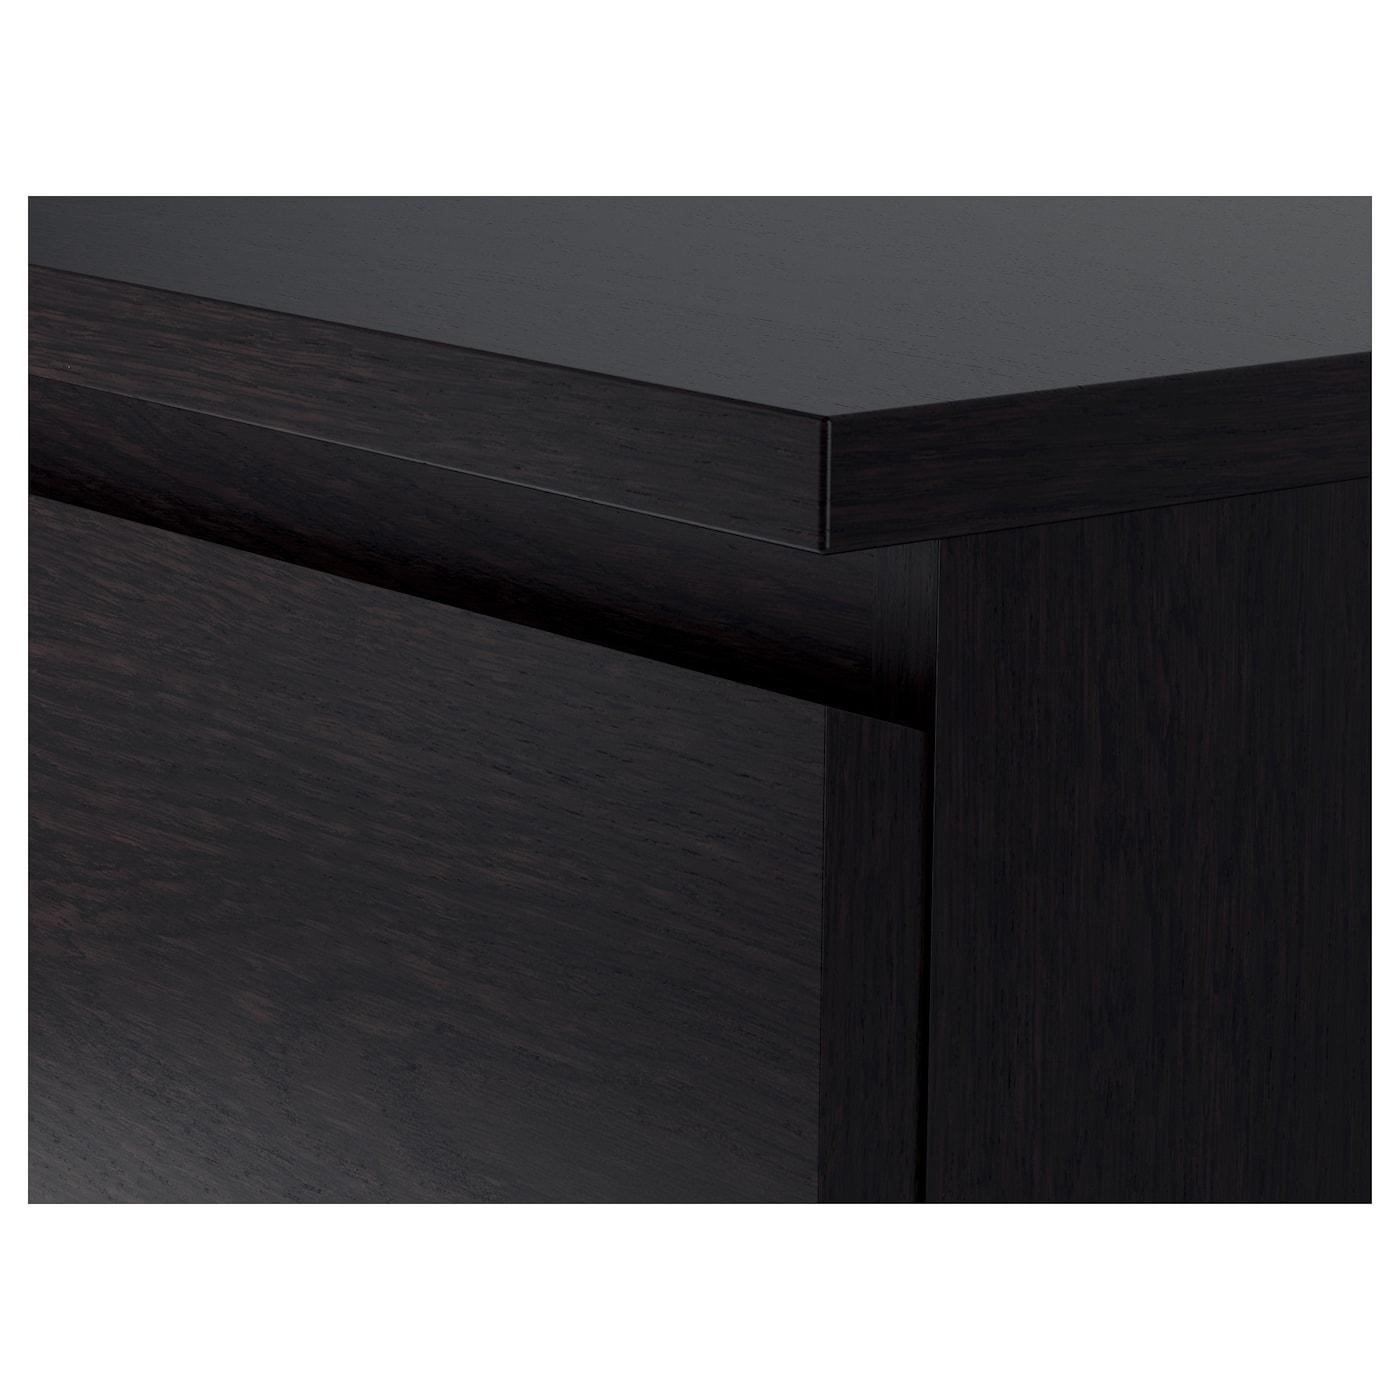 МАЛЬМ комод із 6 шухлядами чорно-коричневий 160 см 48 см 78 см 72 см 43 см